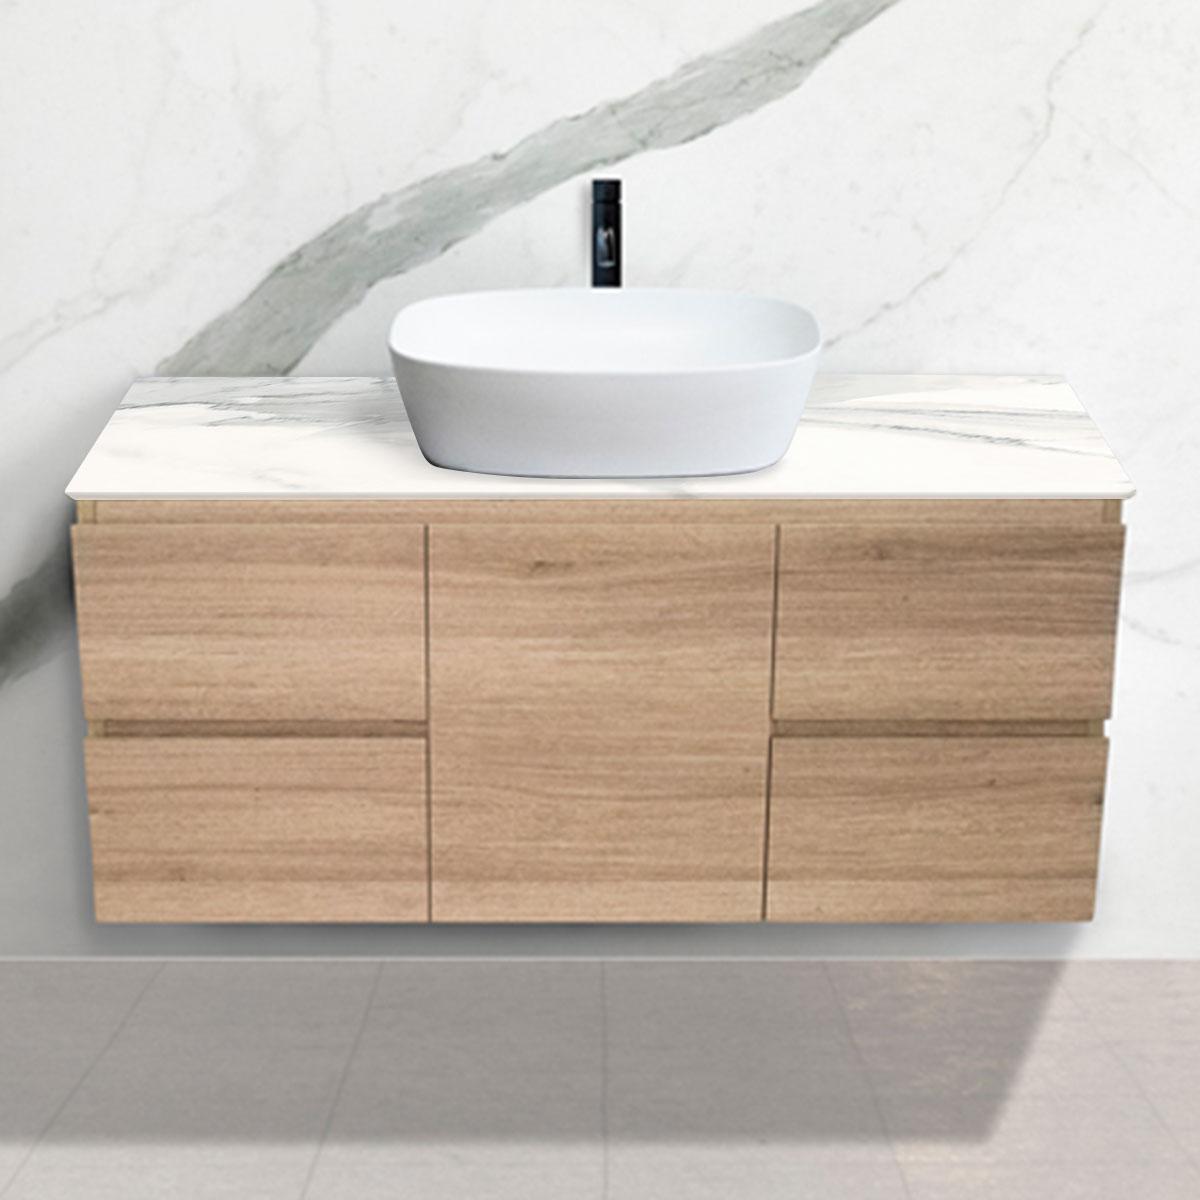 Oak Woodgrain Cabinet - Vanity- 1 Door + 4 Drawers - Absolute - Stone3 Brisbane